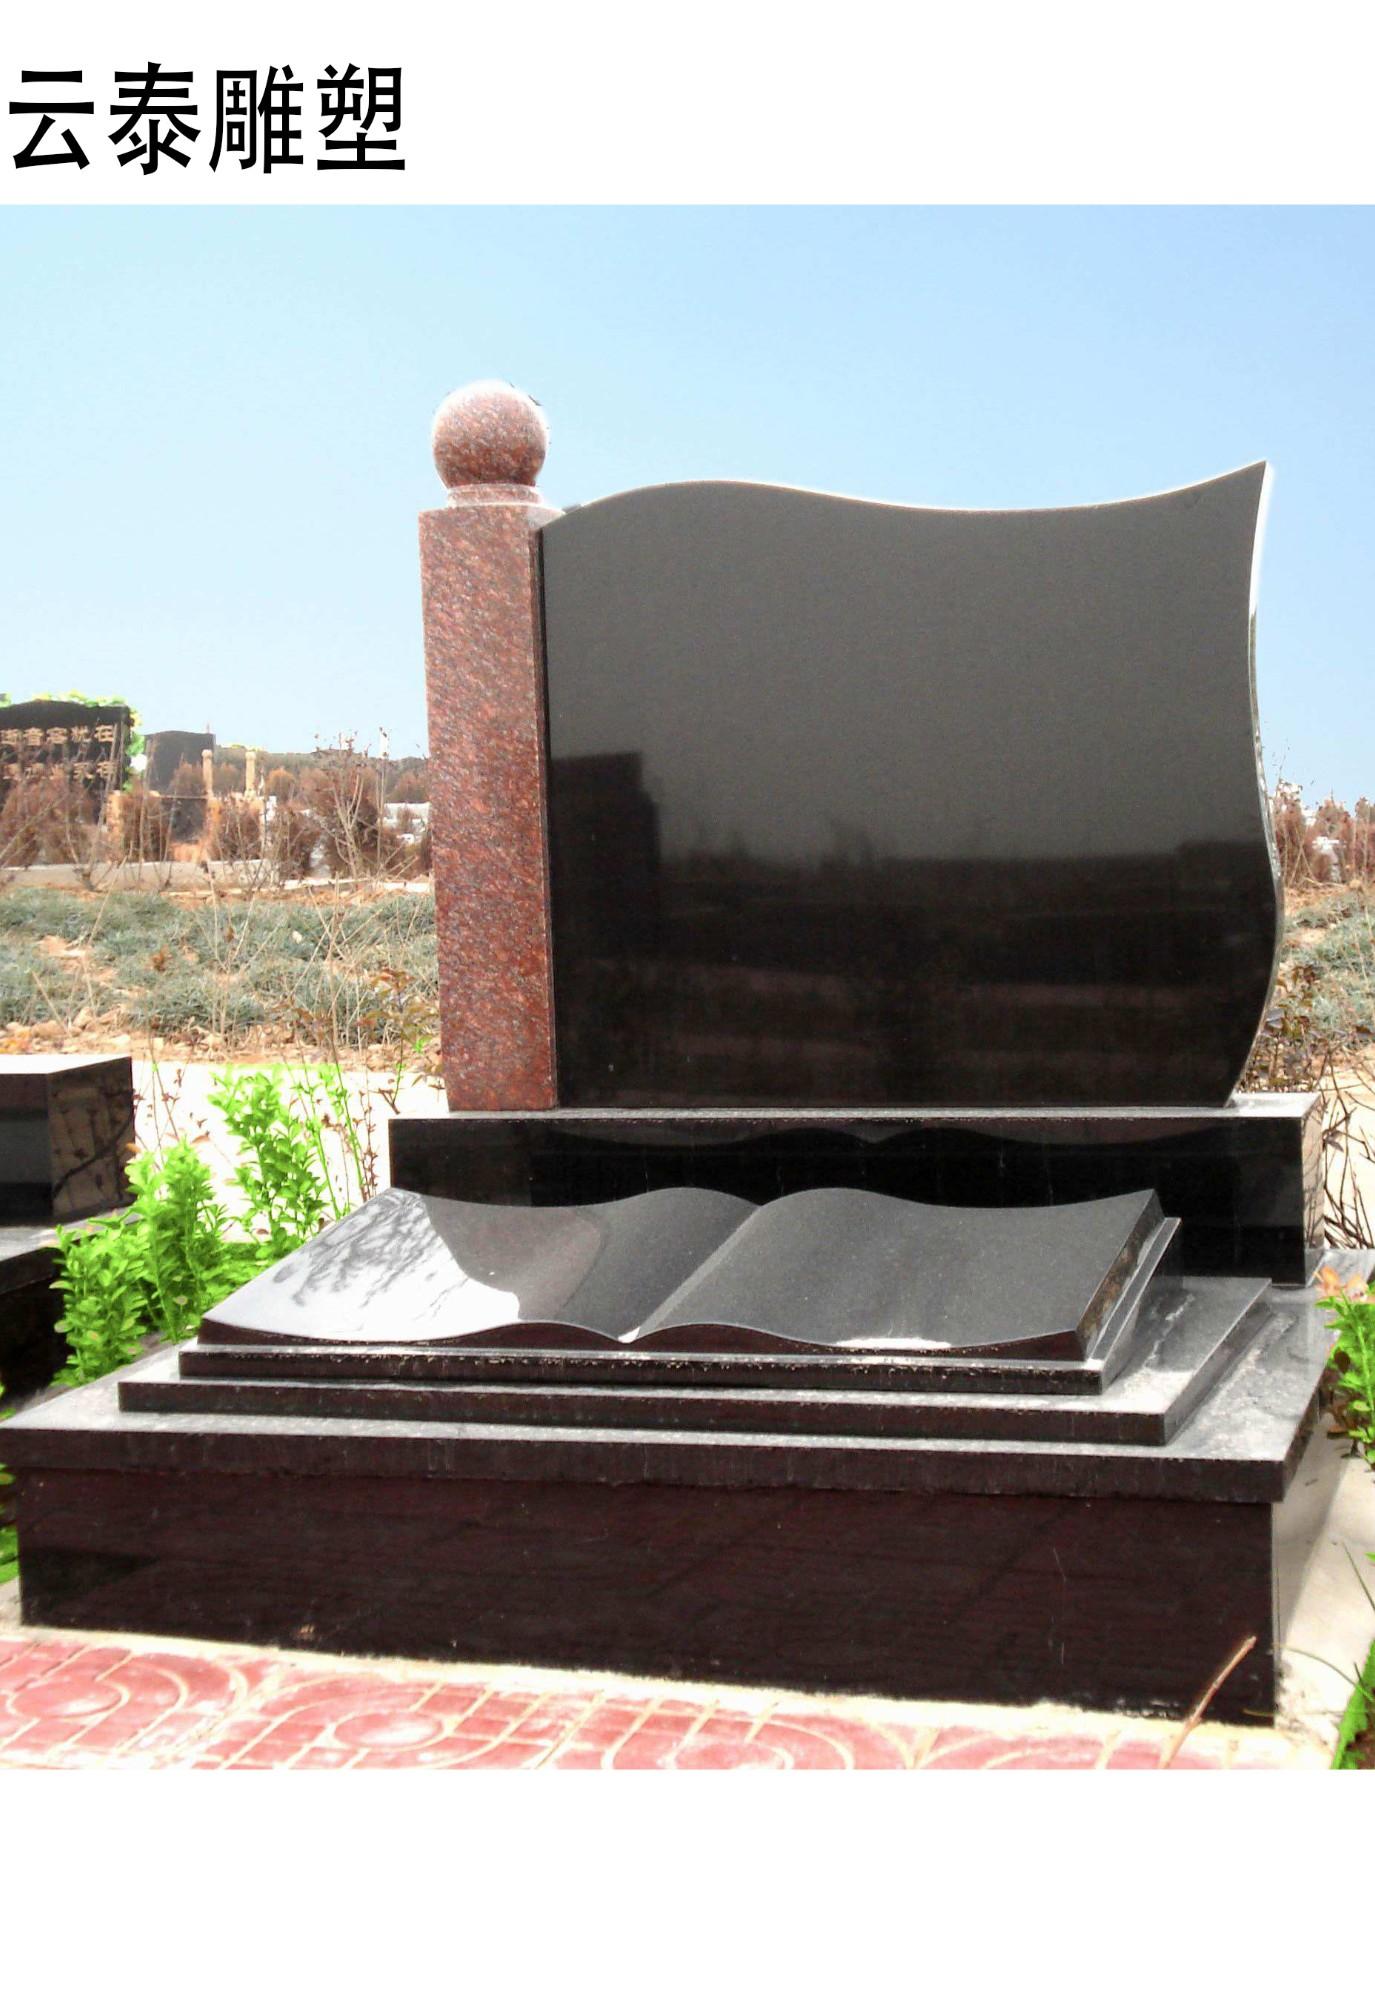 河北石家庄雕塑墓碑